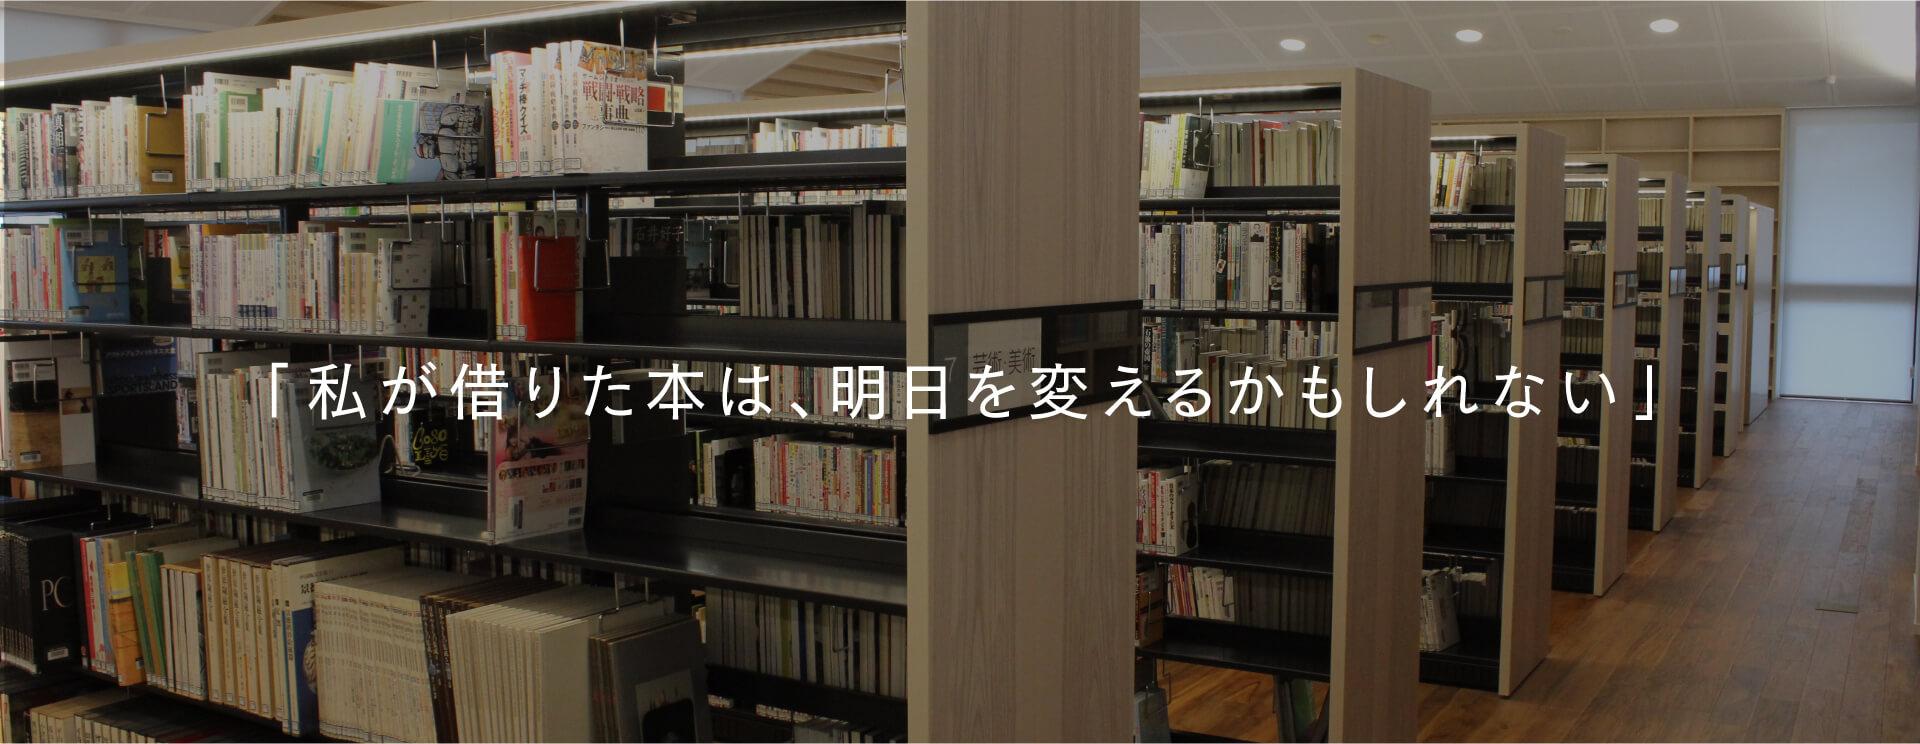 スライド画像03